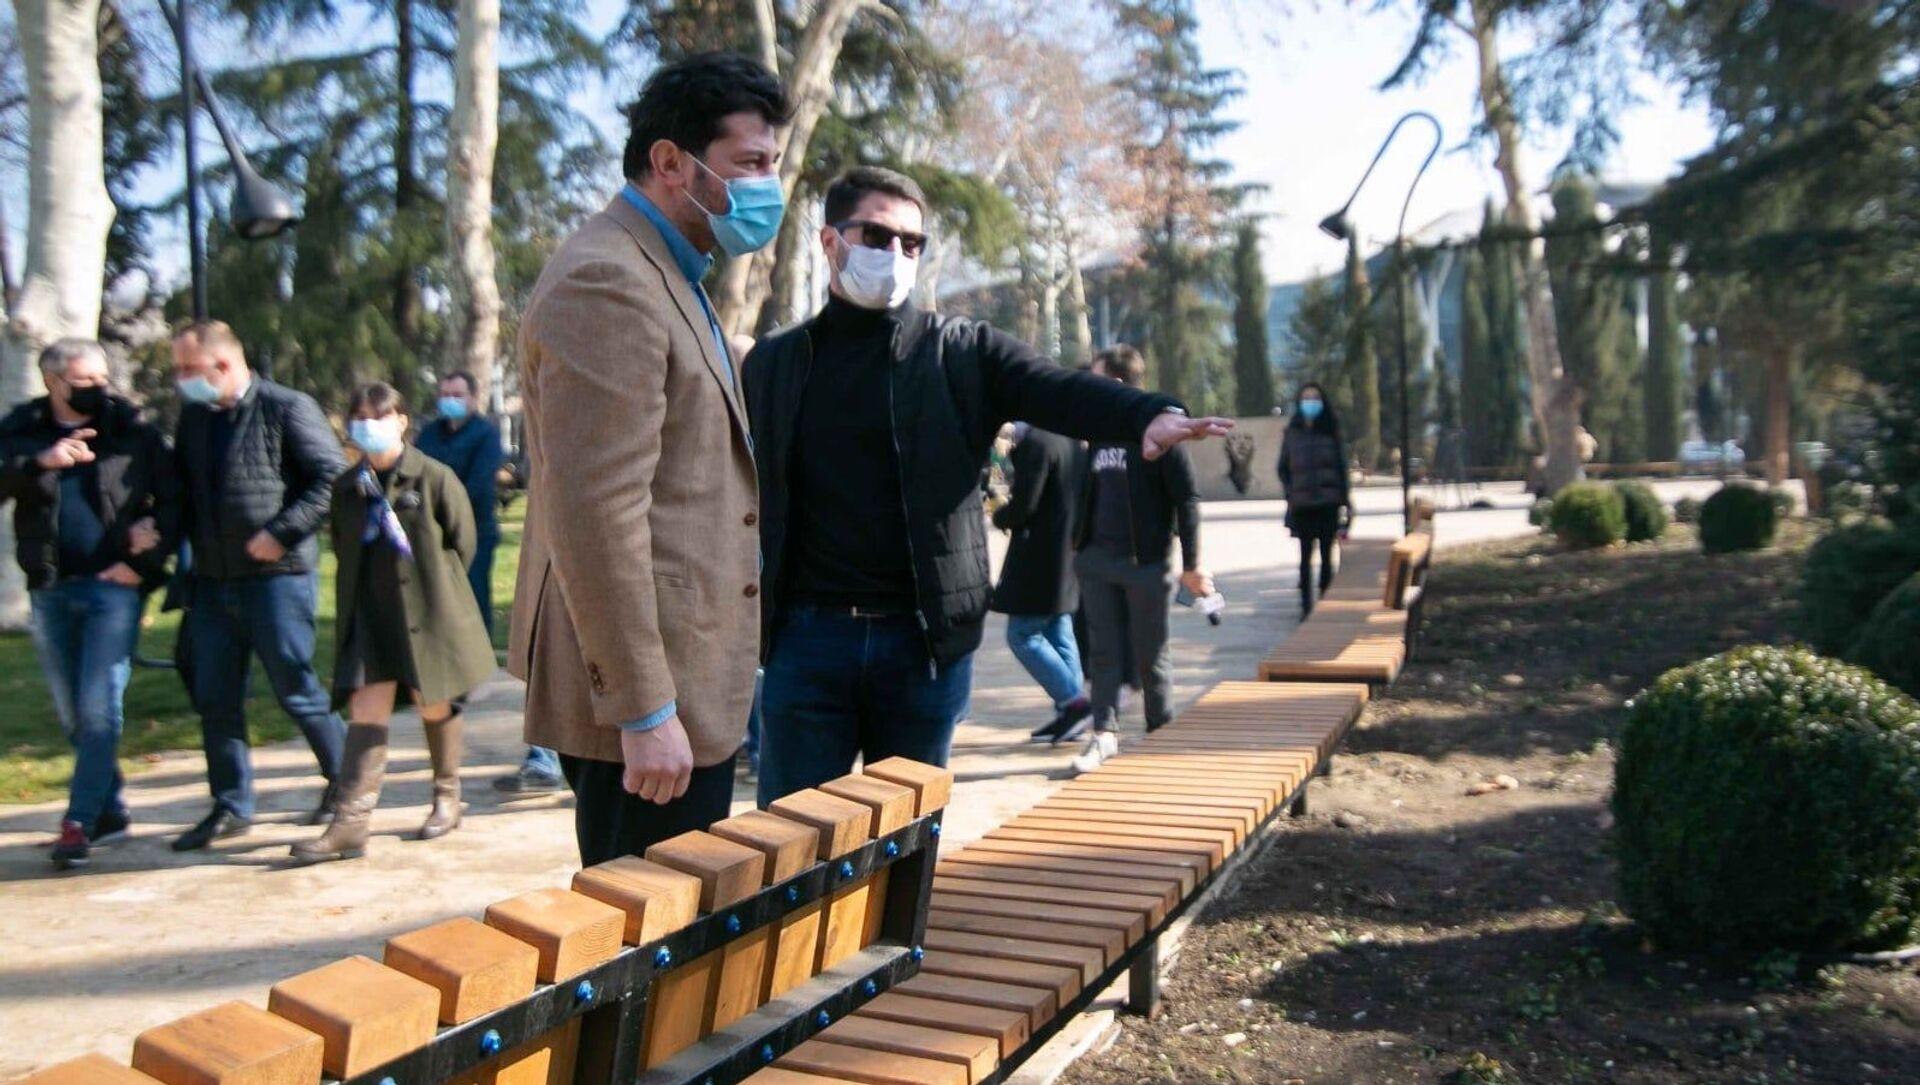 Мэр Тбилиси Каха Каладзе ознакомился с восстановлением парков Дедаена и 9 марта - Sputnik Грузия, 1920, 09.02.2021